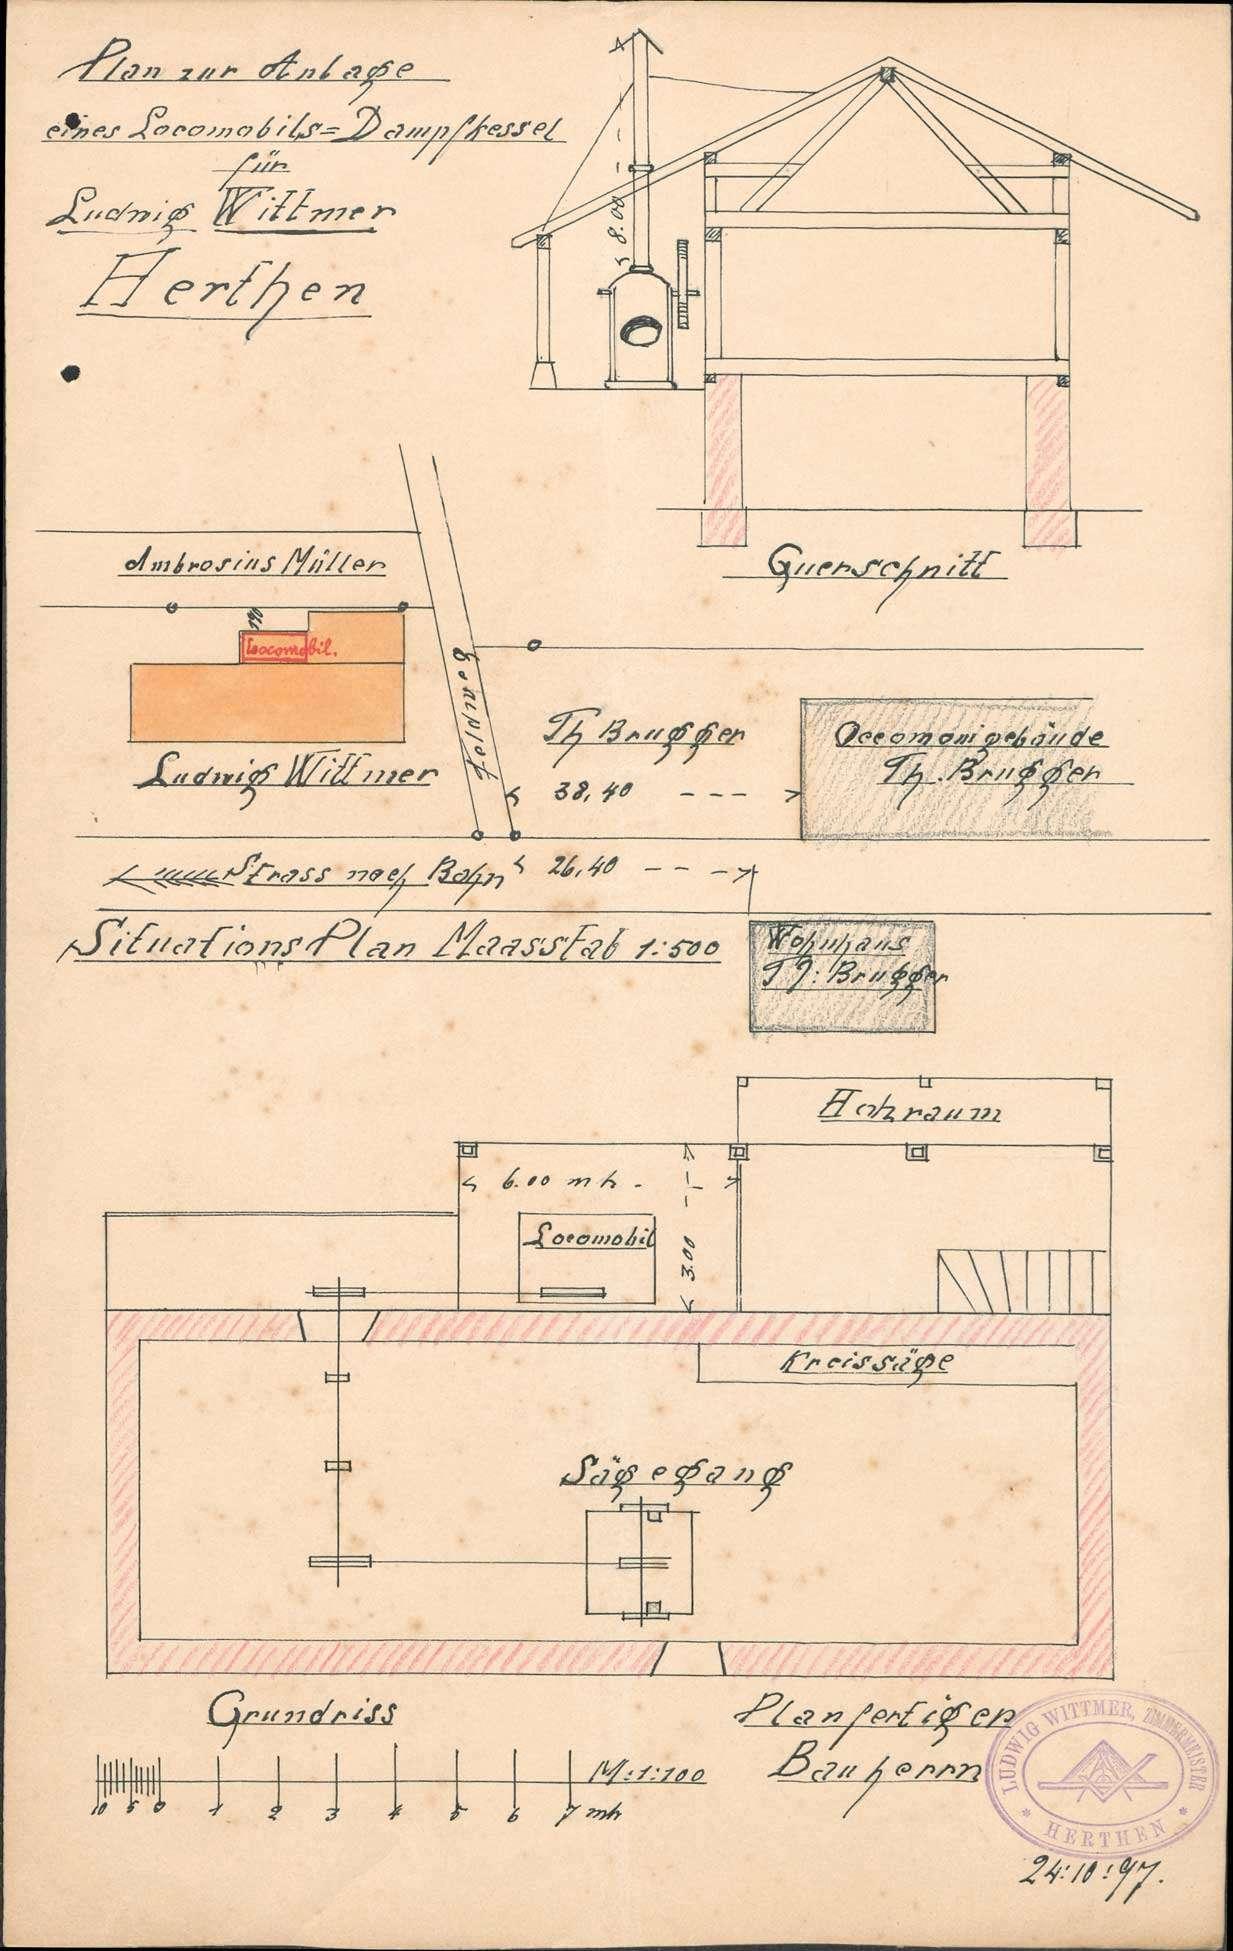 Gesuch des Ludwig Wittmer in Herten um Erlaubnis zur Anlegung bzw. Veränderung eines Dampfkessels, Bild 1